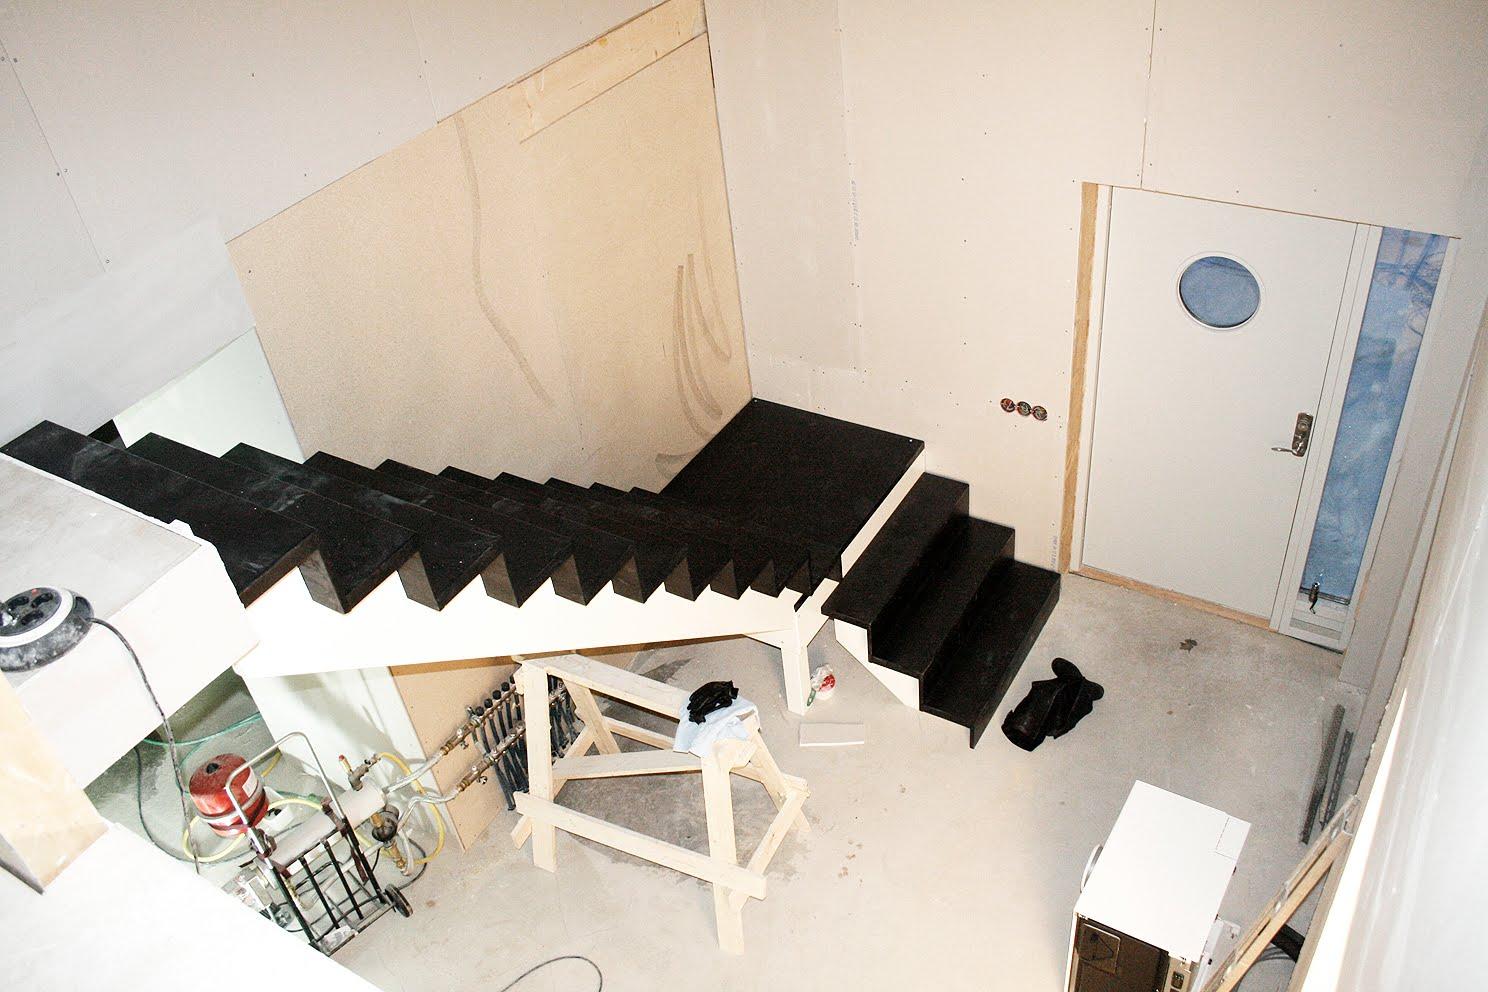 Speckstahuset: januari 2011